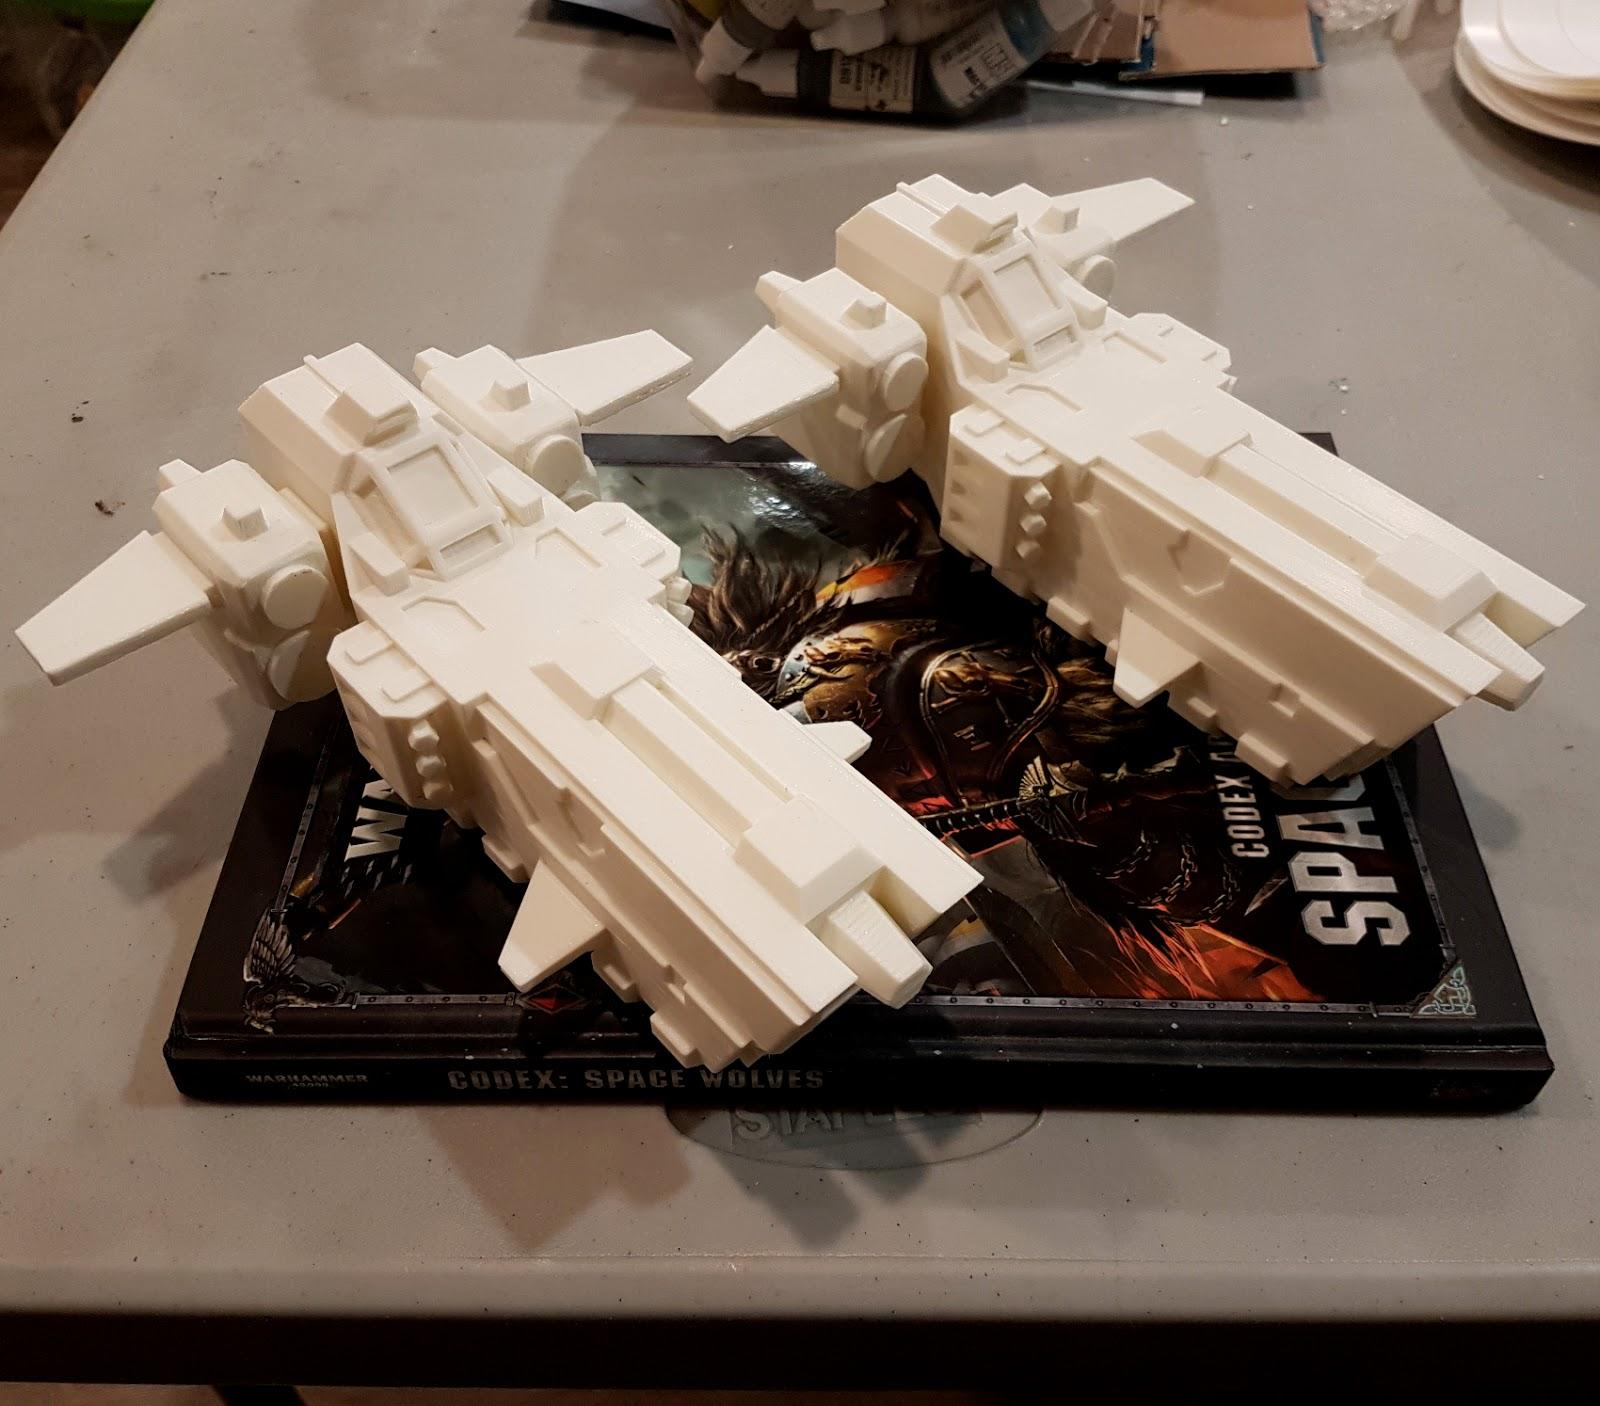 3D Printed Space Wolf Stormfangs - Jade Gaming News